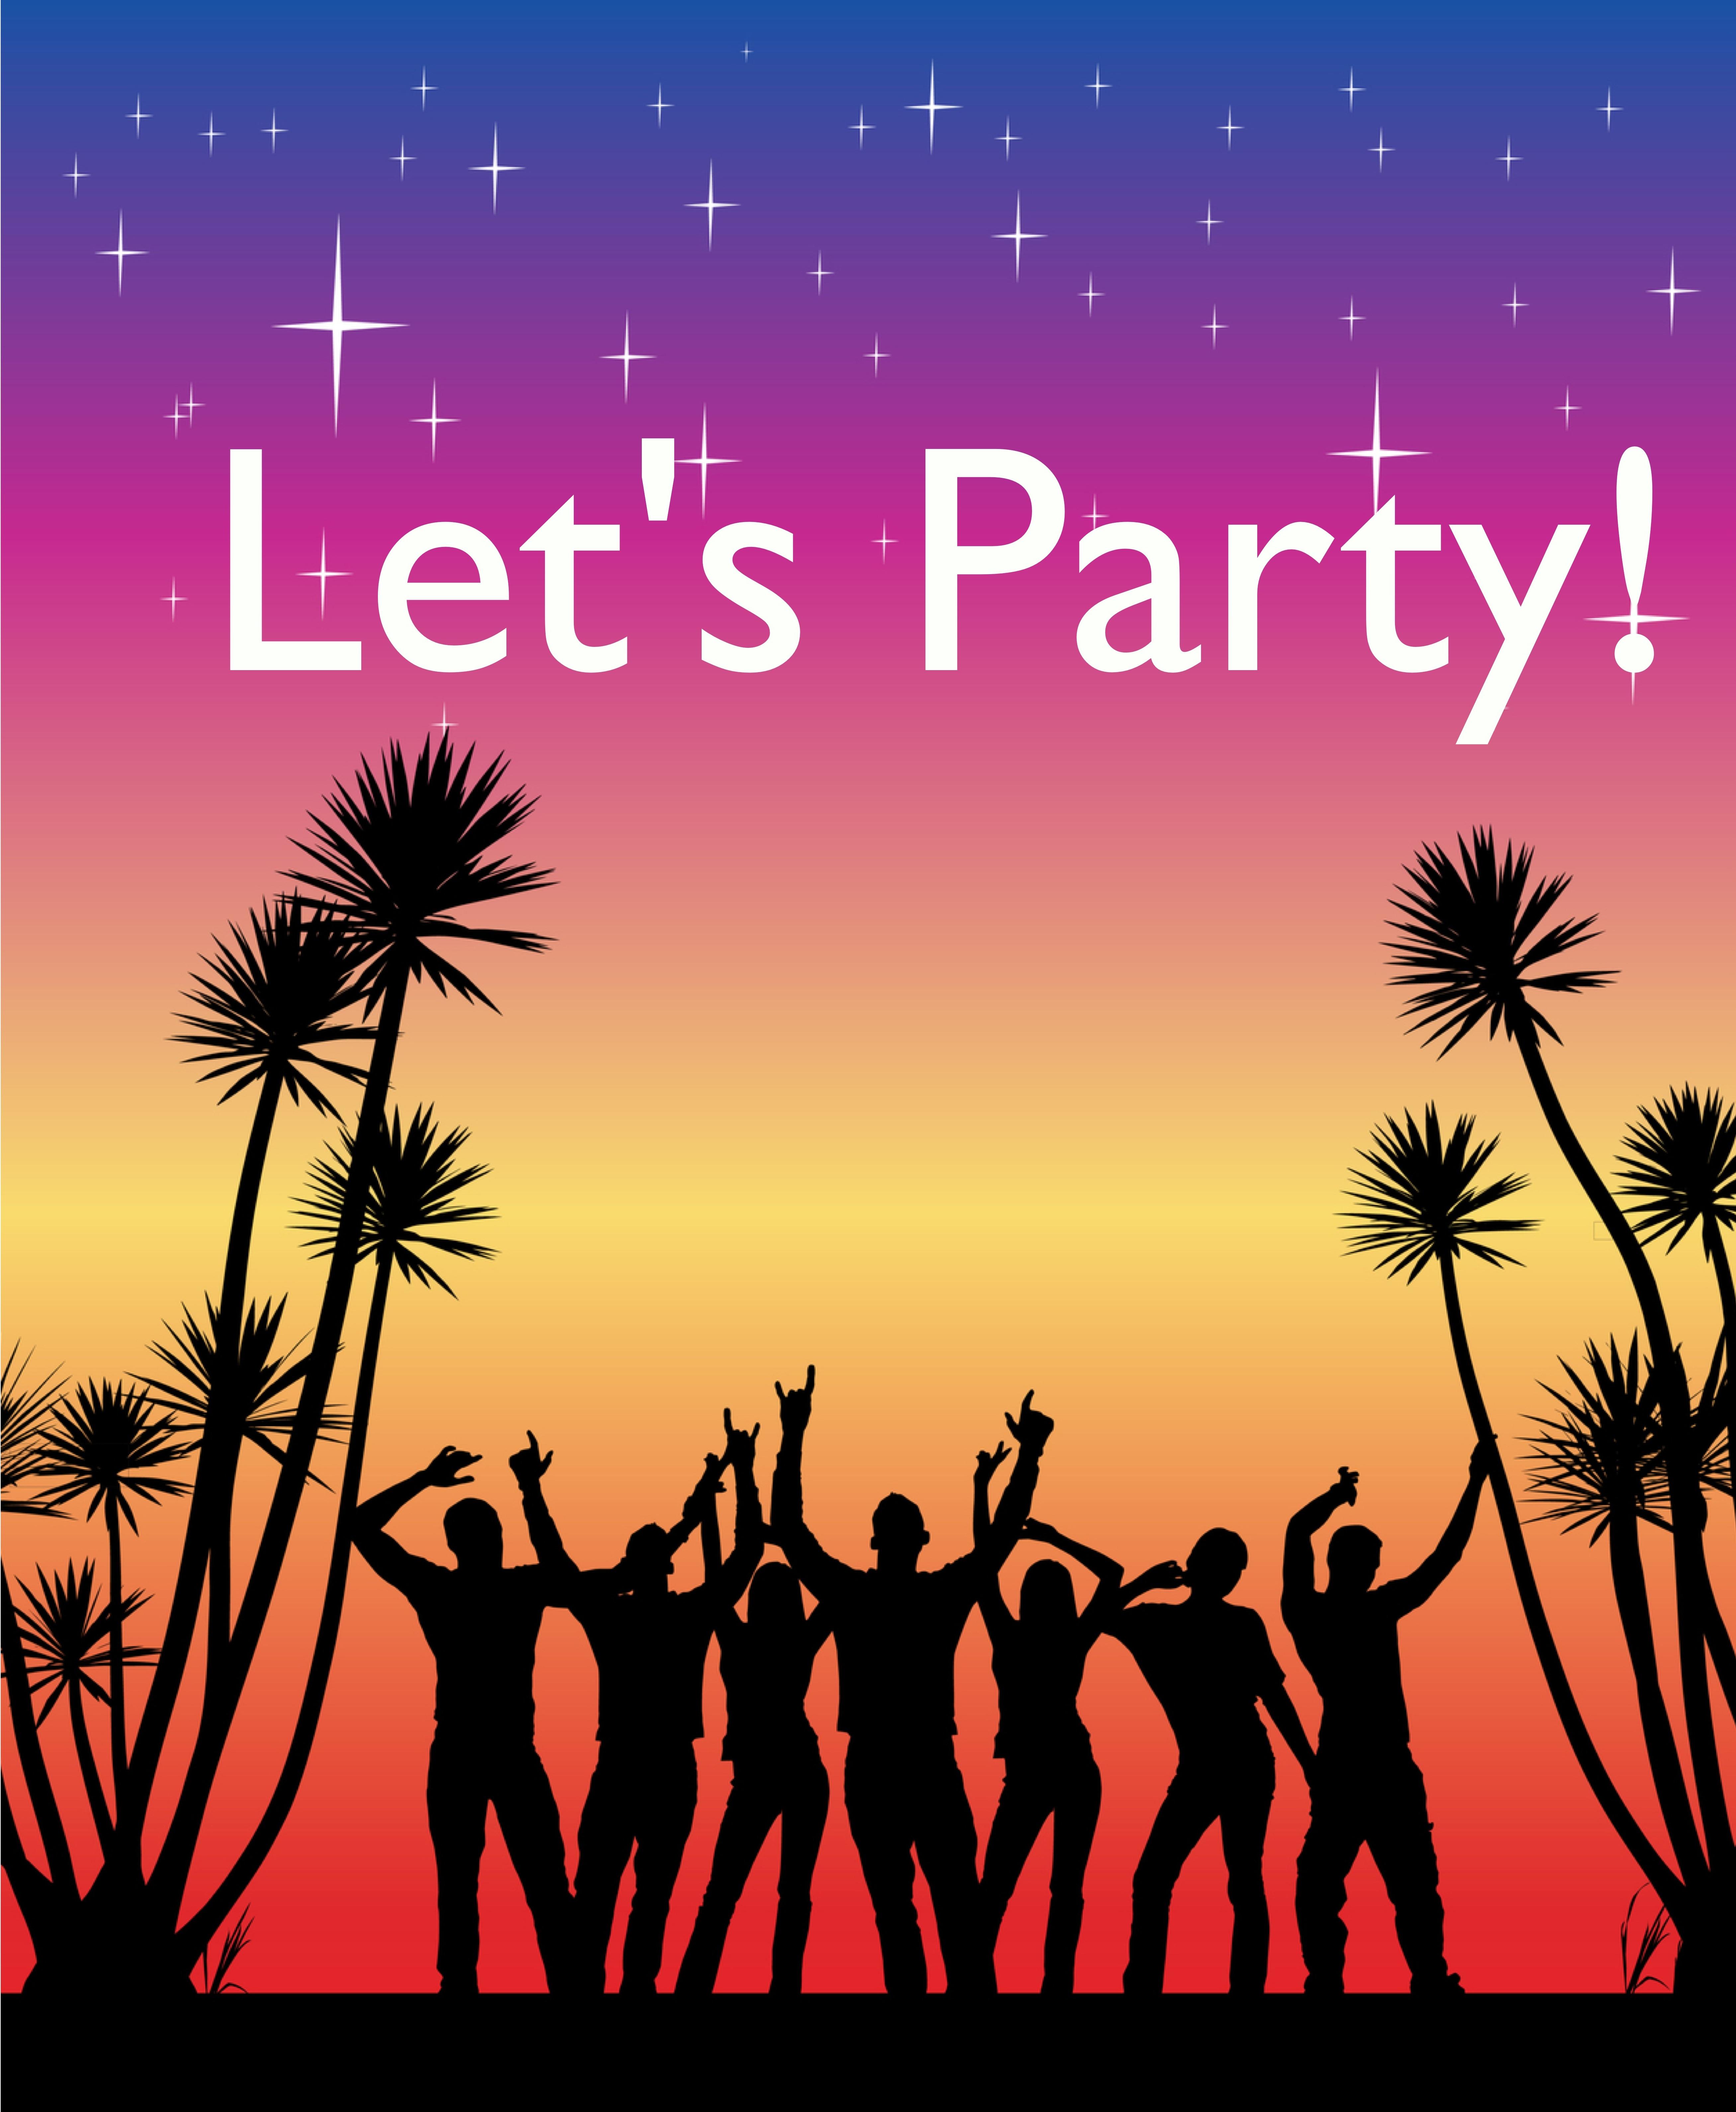 a party lets: